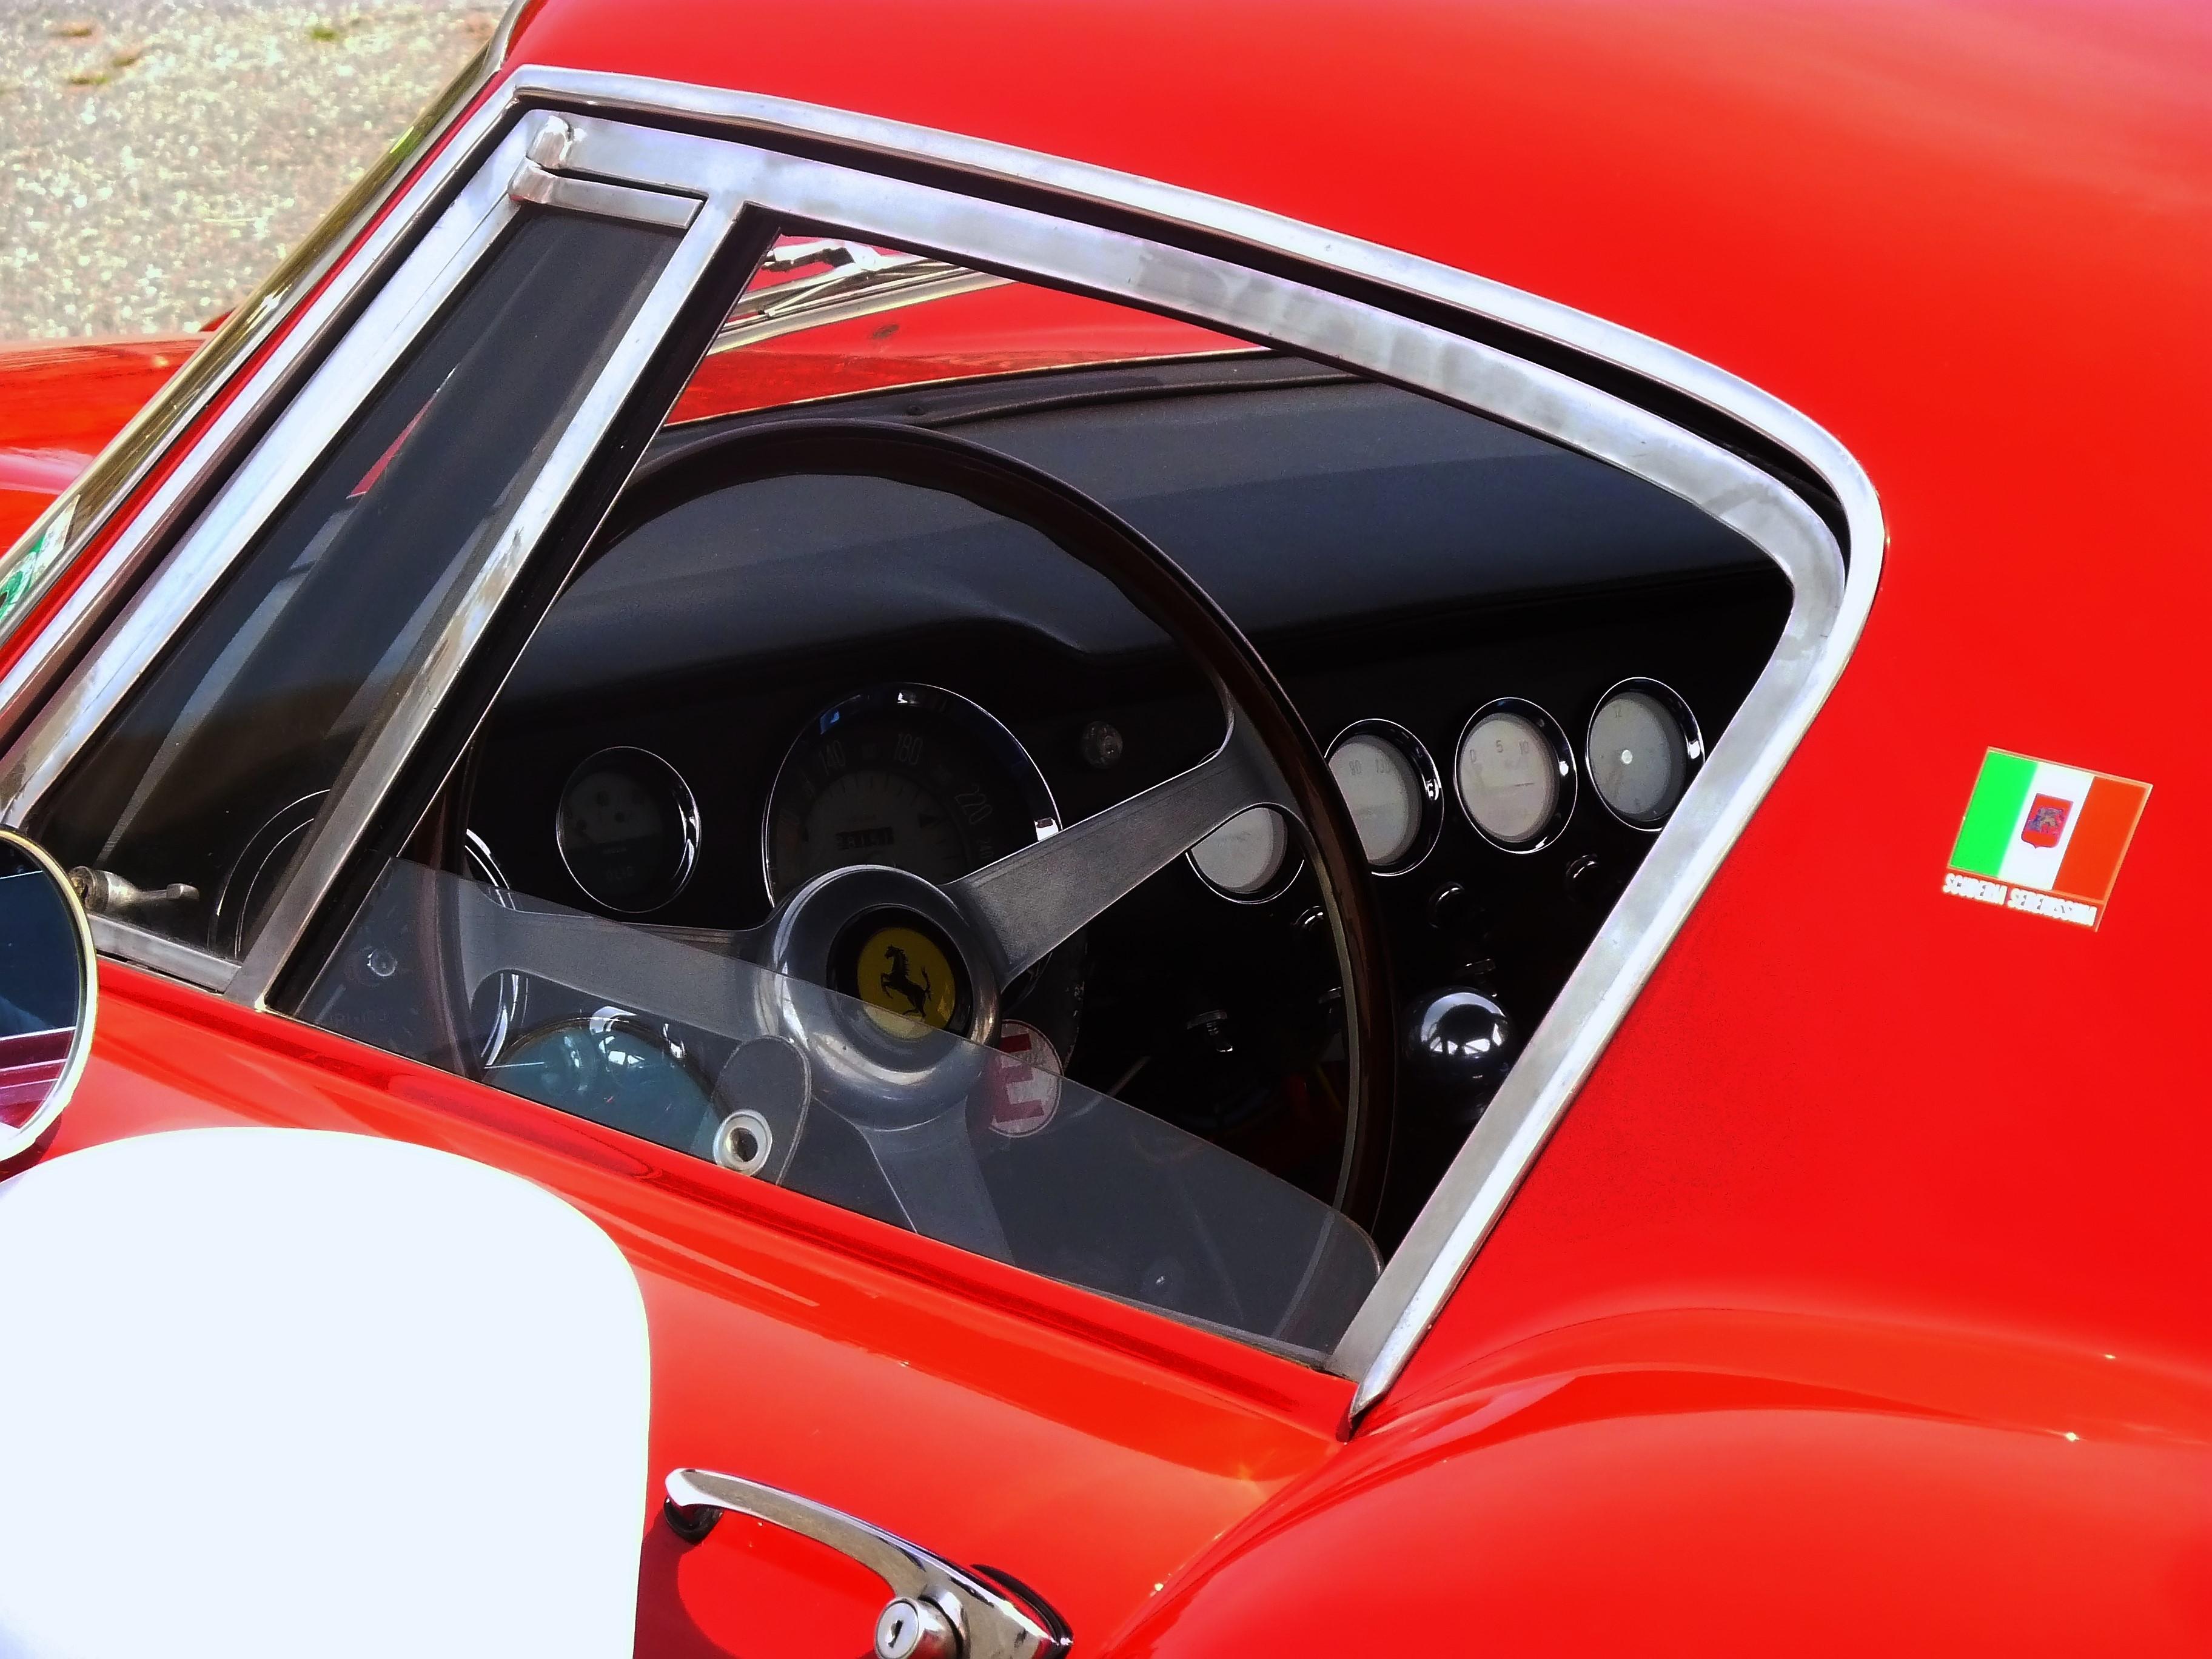 1961 Ferrari 250 GT SWB #2701 (46)_filtered